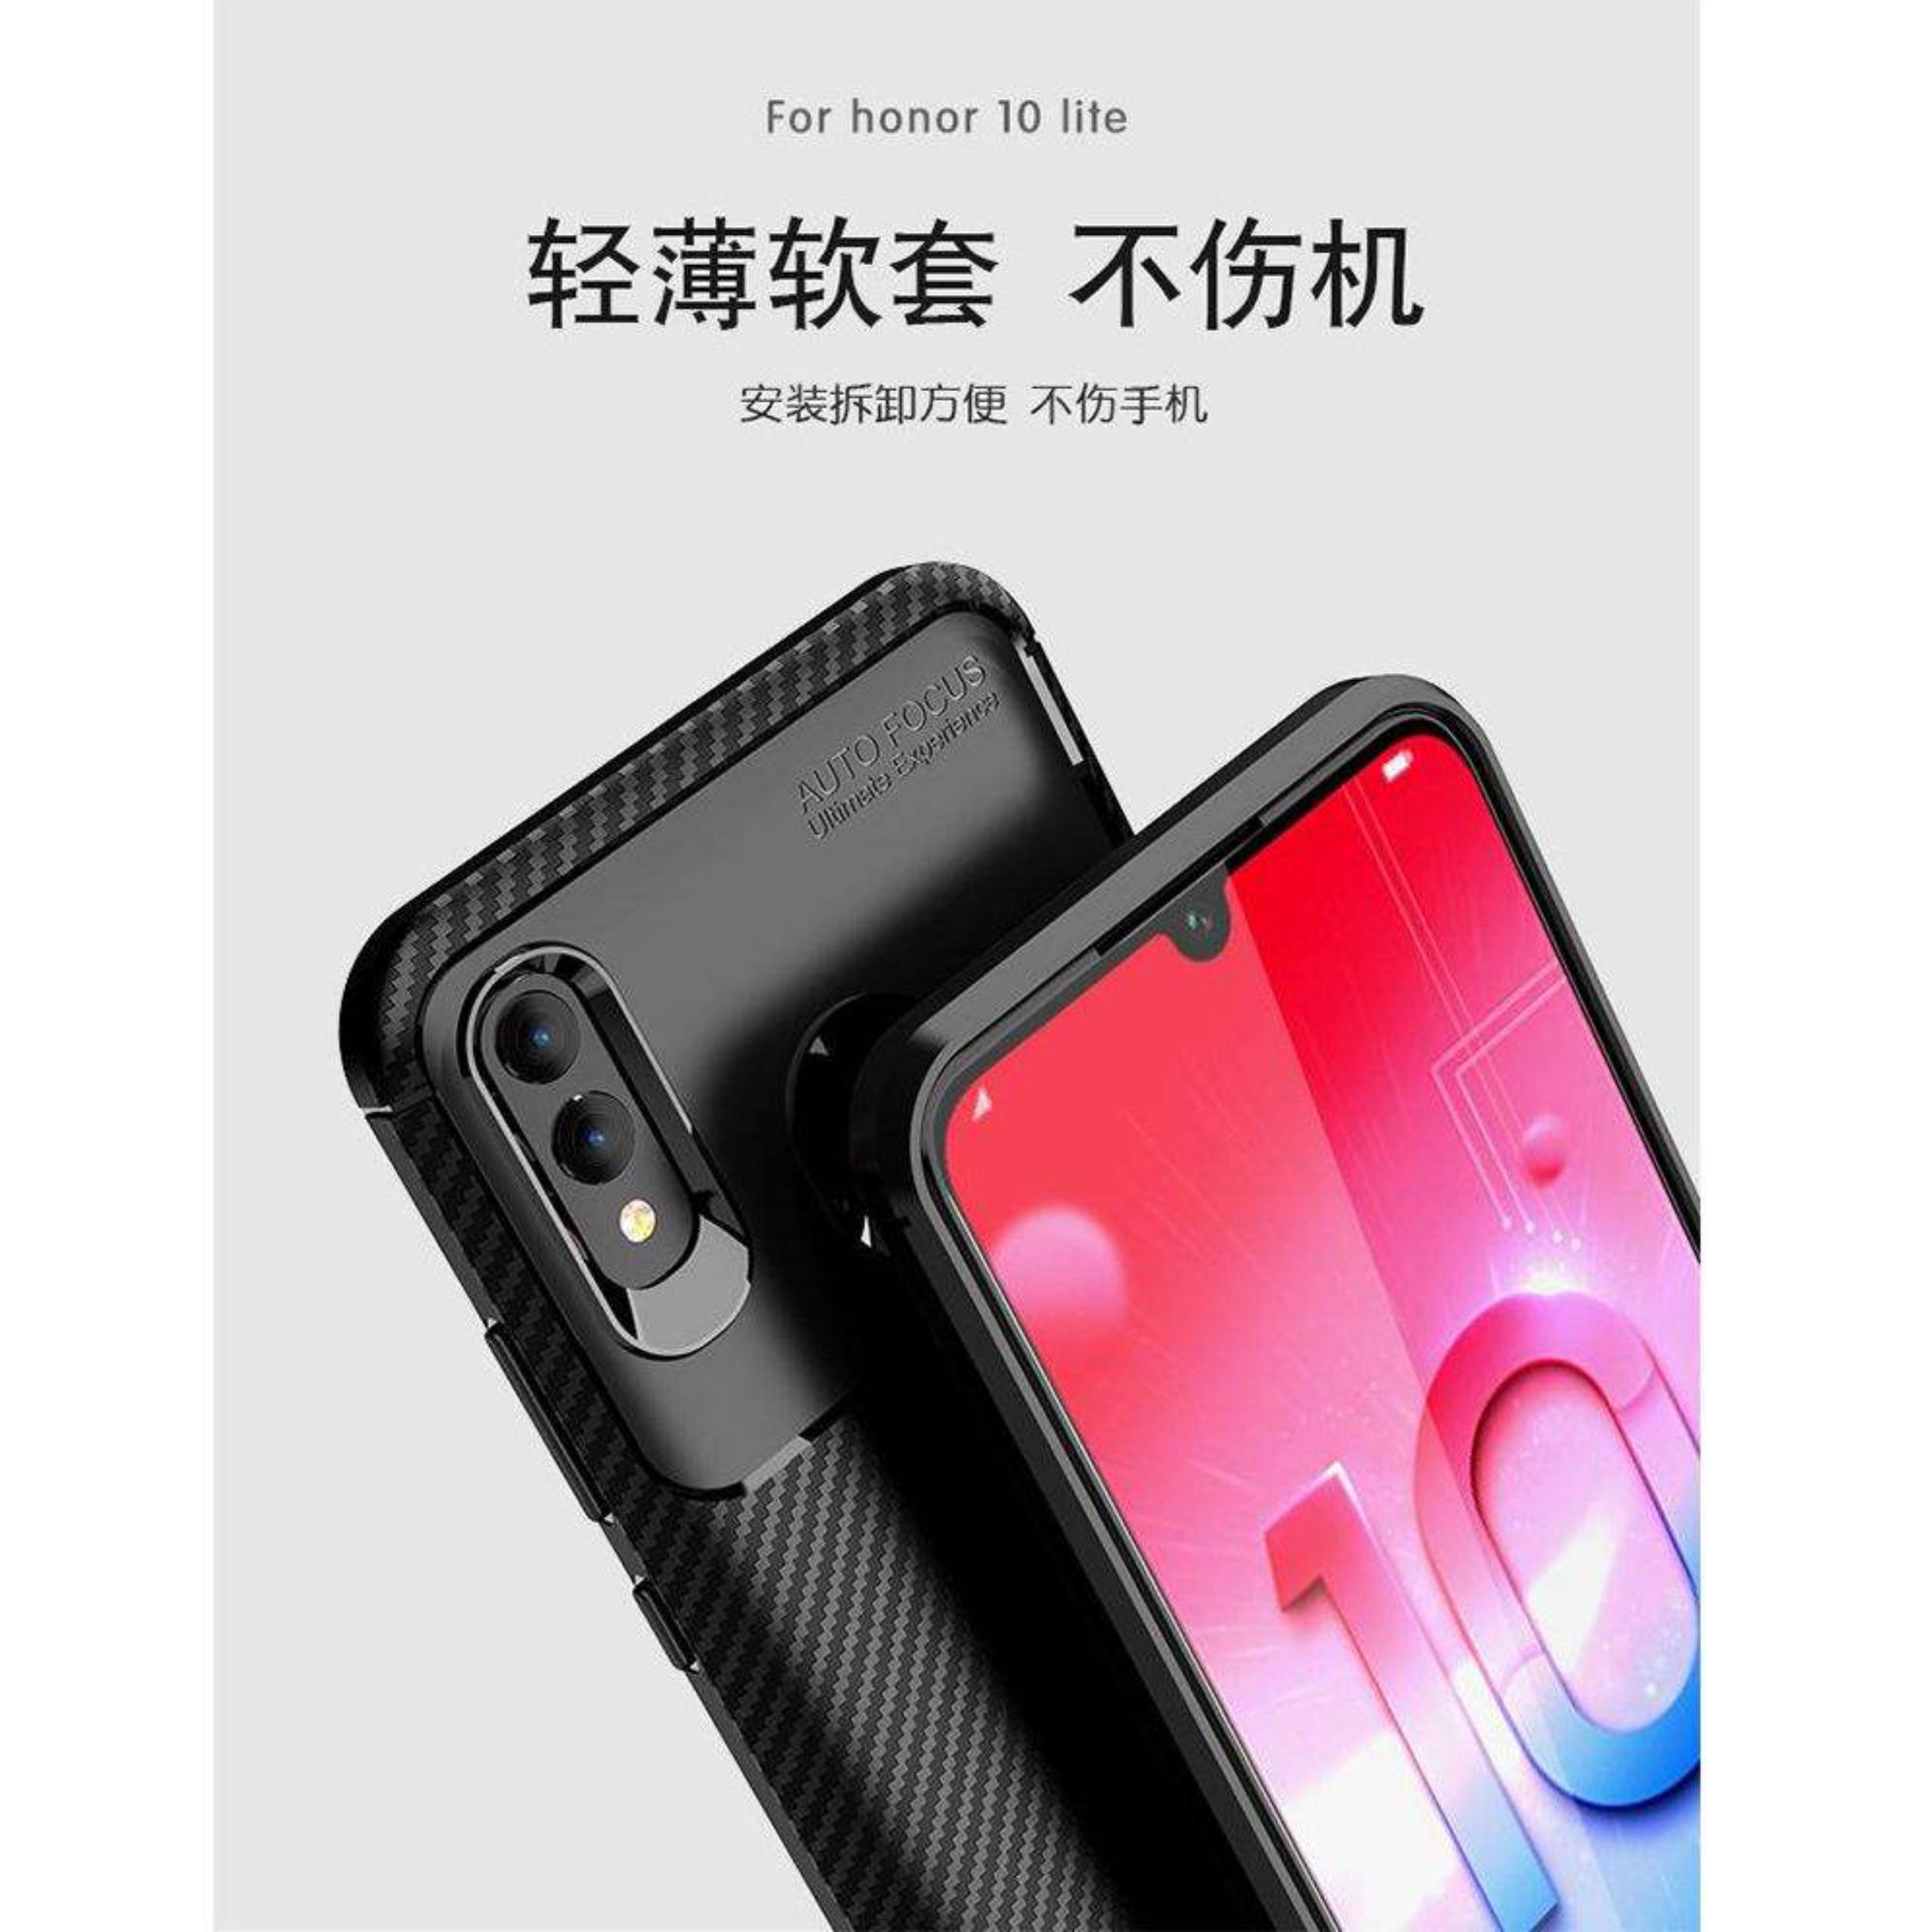 کاور لاین کینگ مدل A21 مناسب برای گوشی موبایل هوآوی P Smart 2019/ آنر 10Lite thumb 2 6